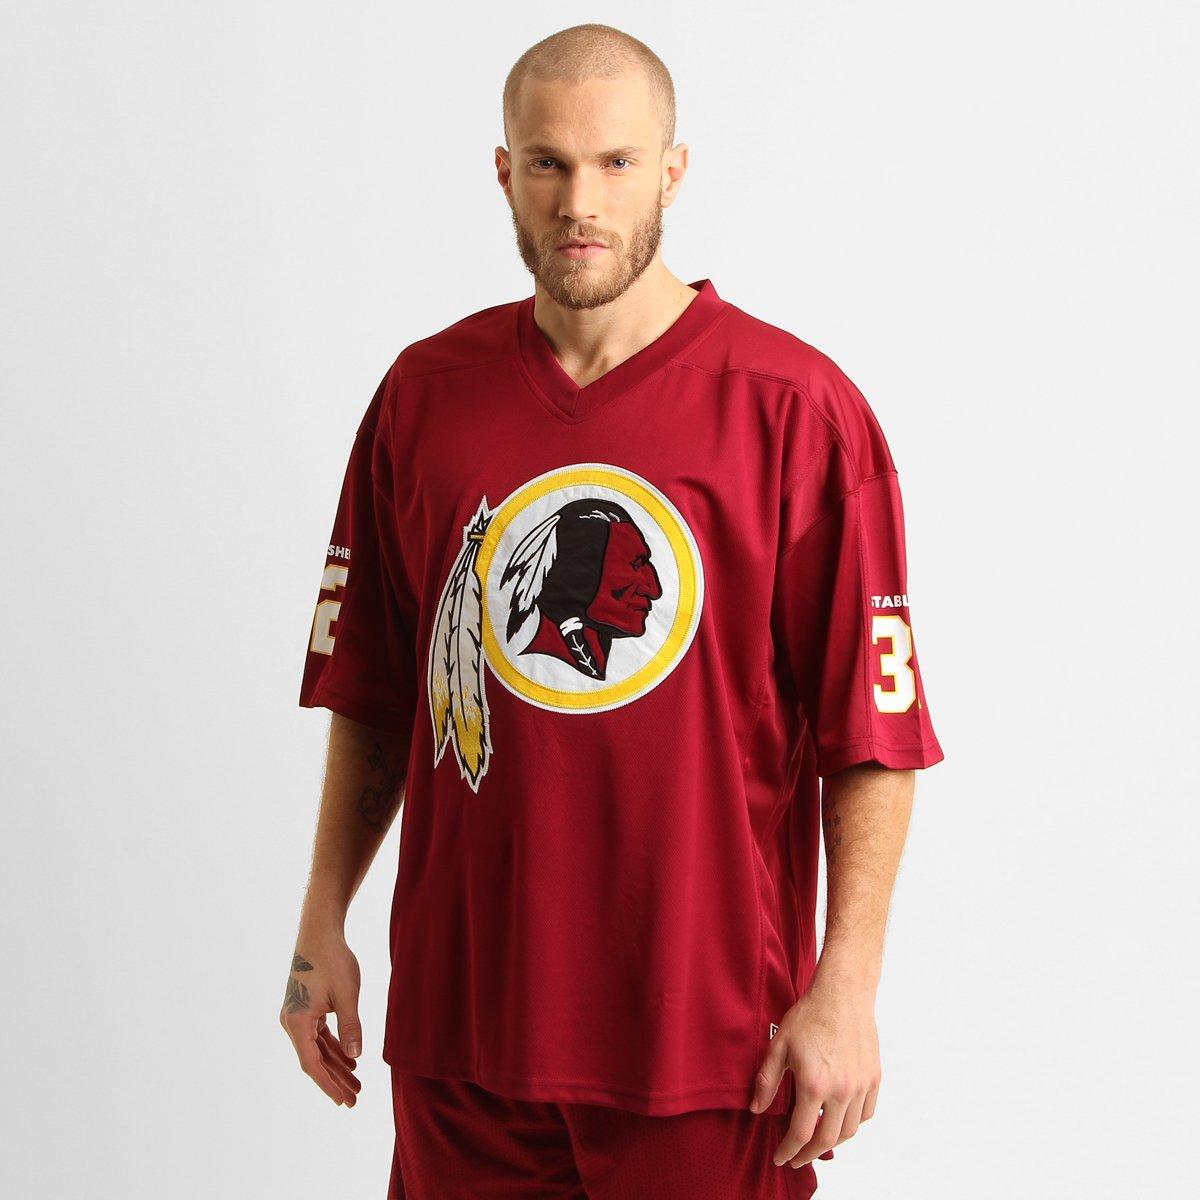 3b5838d01183d Camiseta New Era NFL Especial Jersey Redskins - Compre Agora